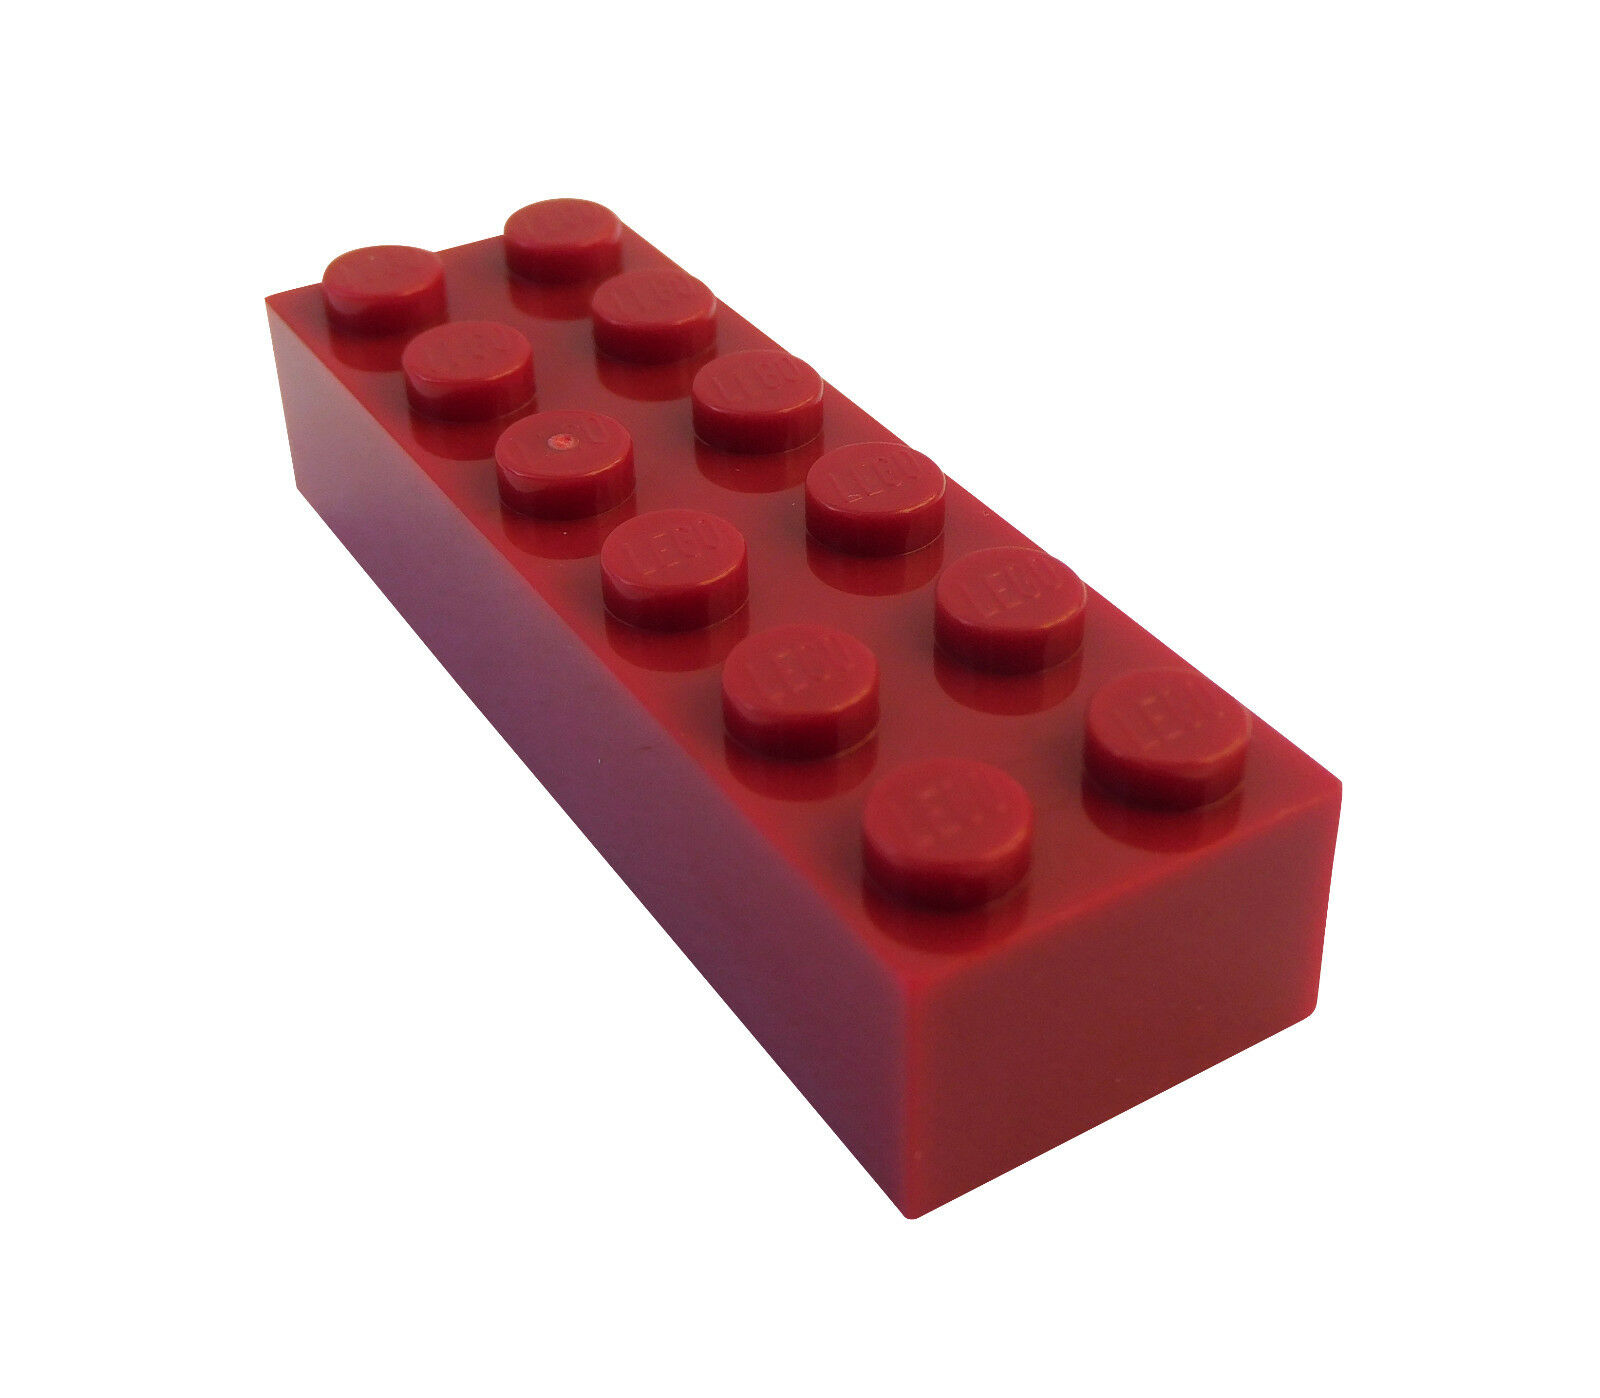 2456 Basics City Baustein Neu Lego 50 Stück blaue Steine 2x6 Stein in blau